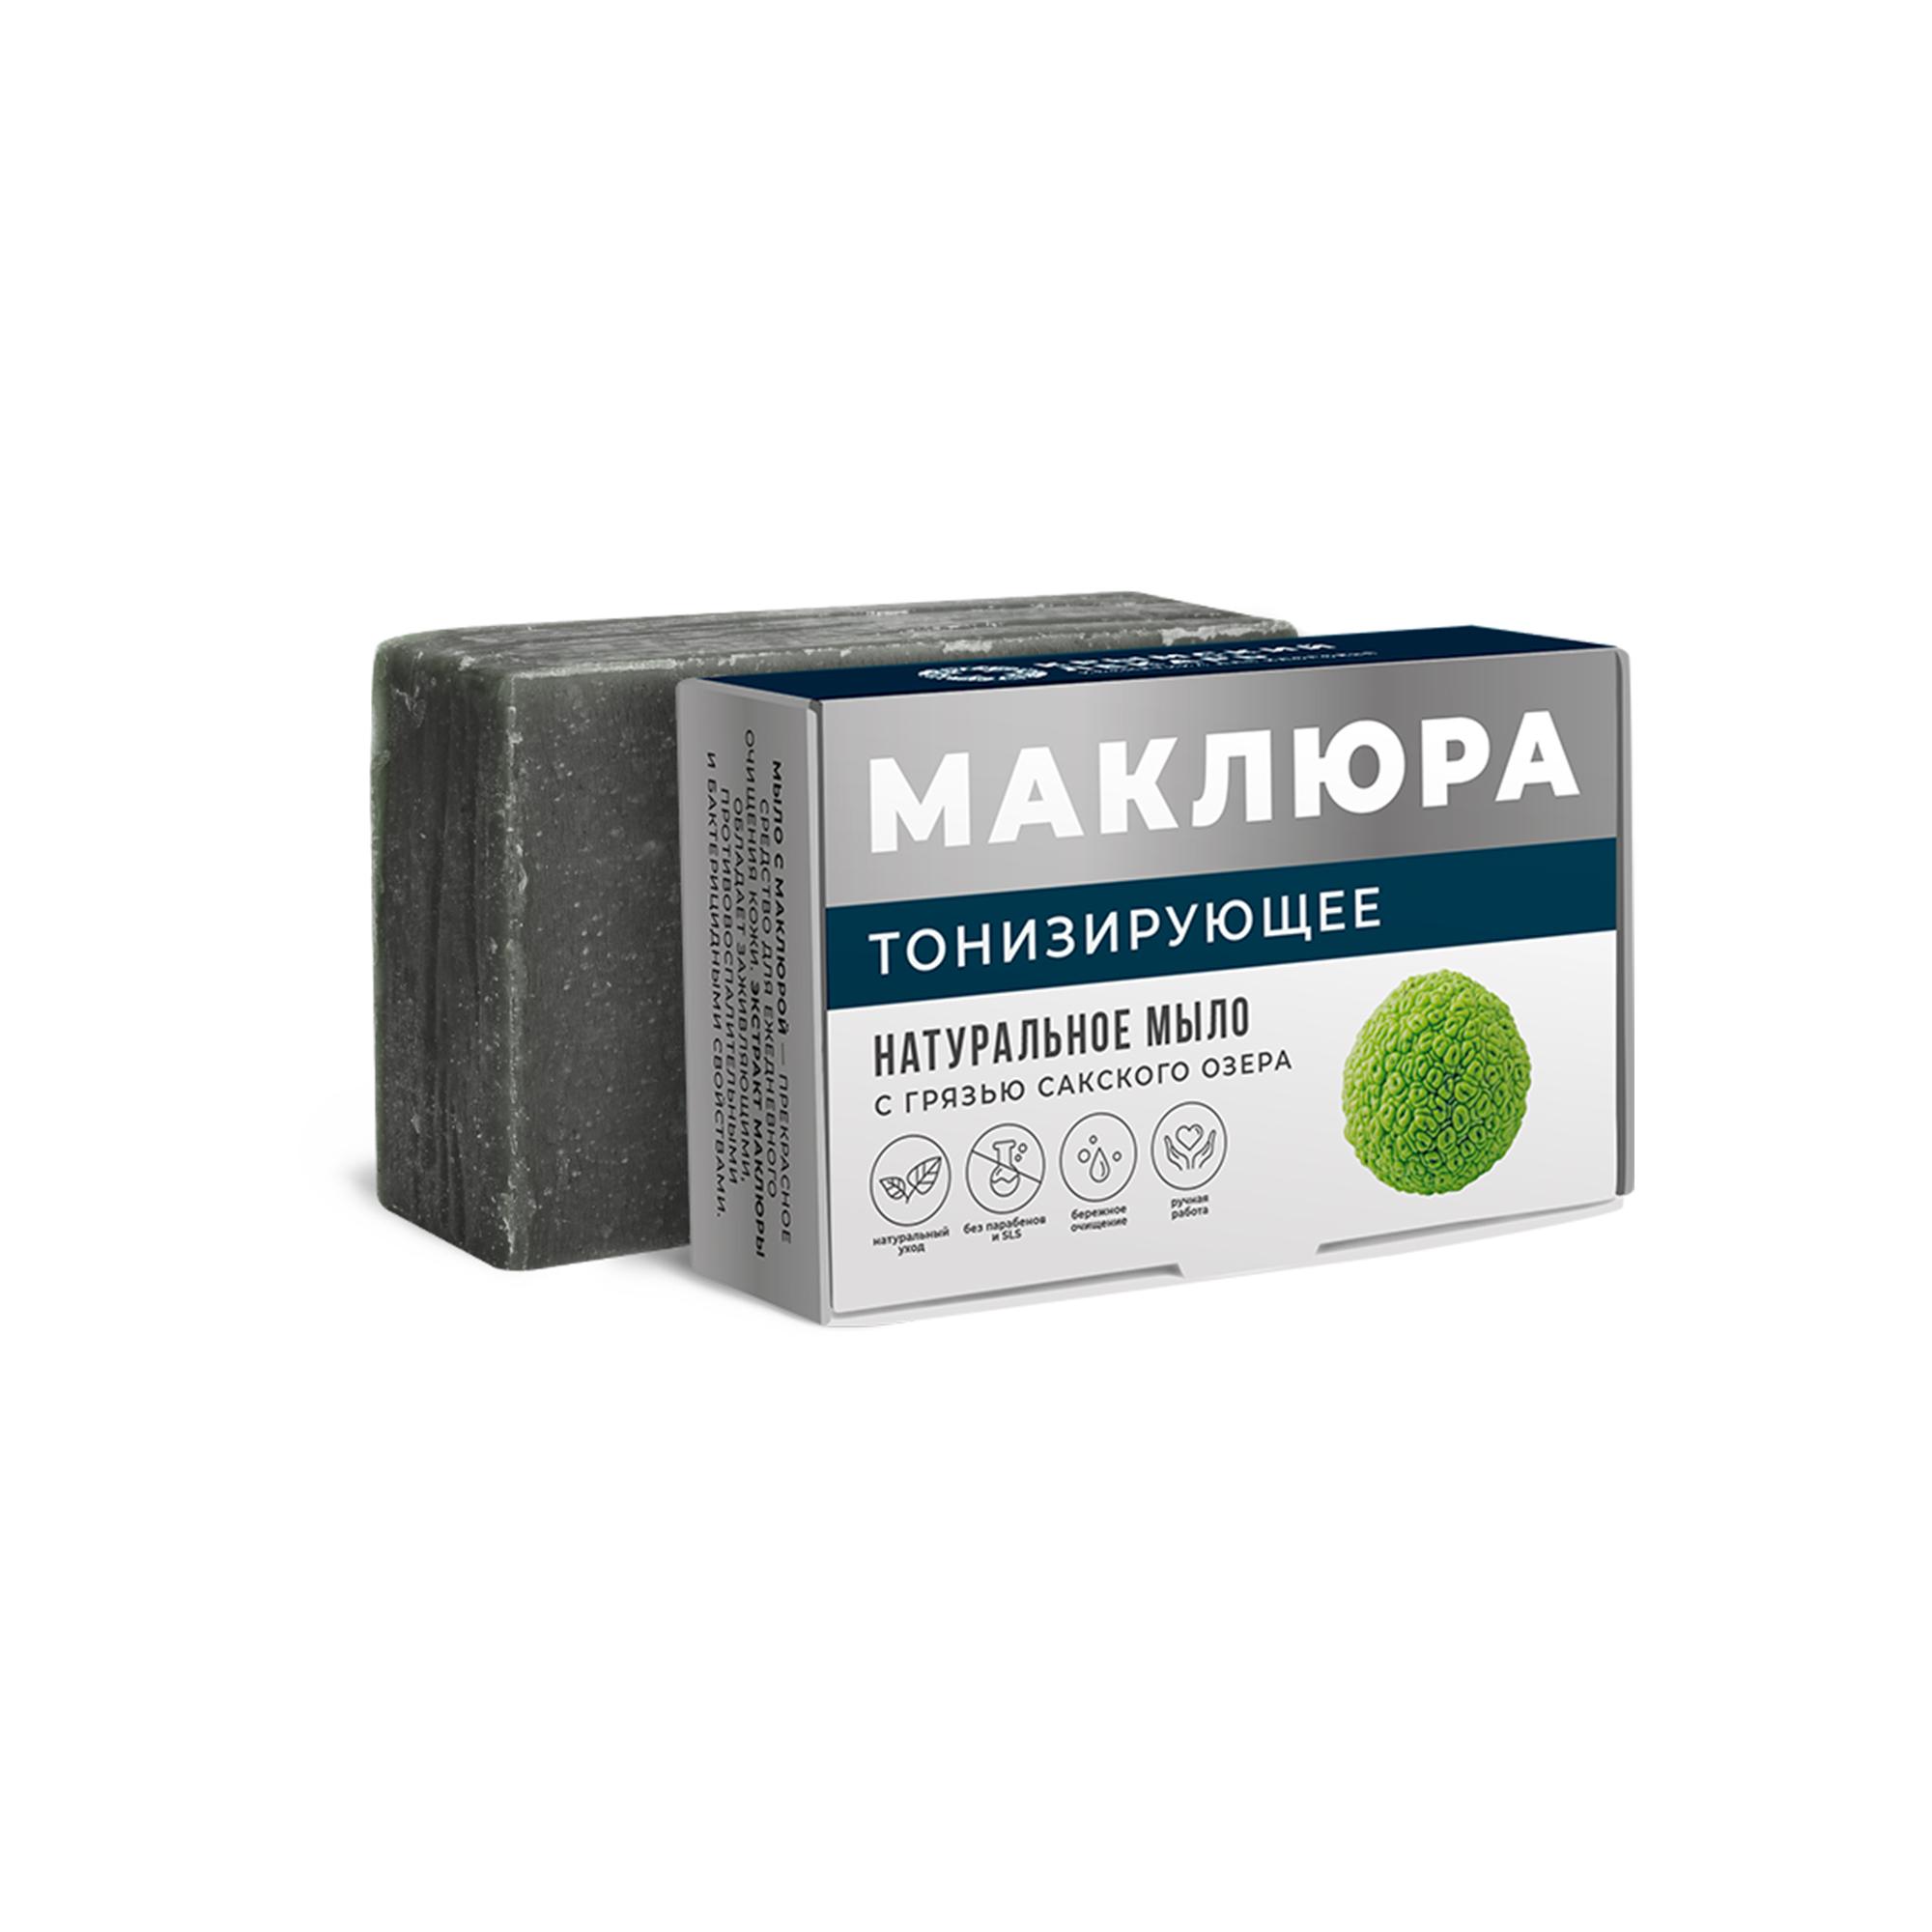 Маклюра мыло Тонизирующее 100 гр.